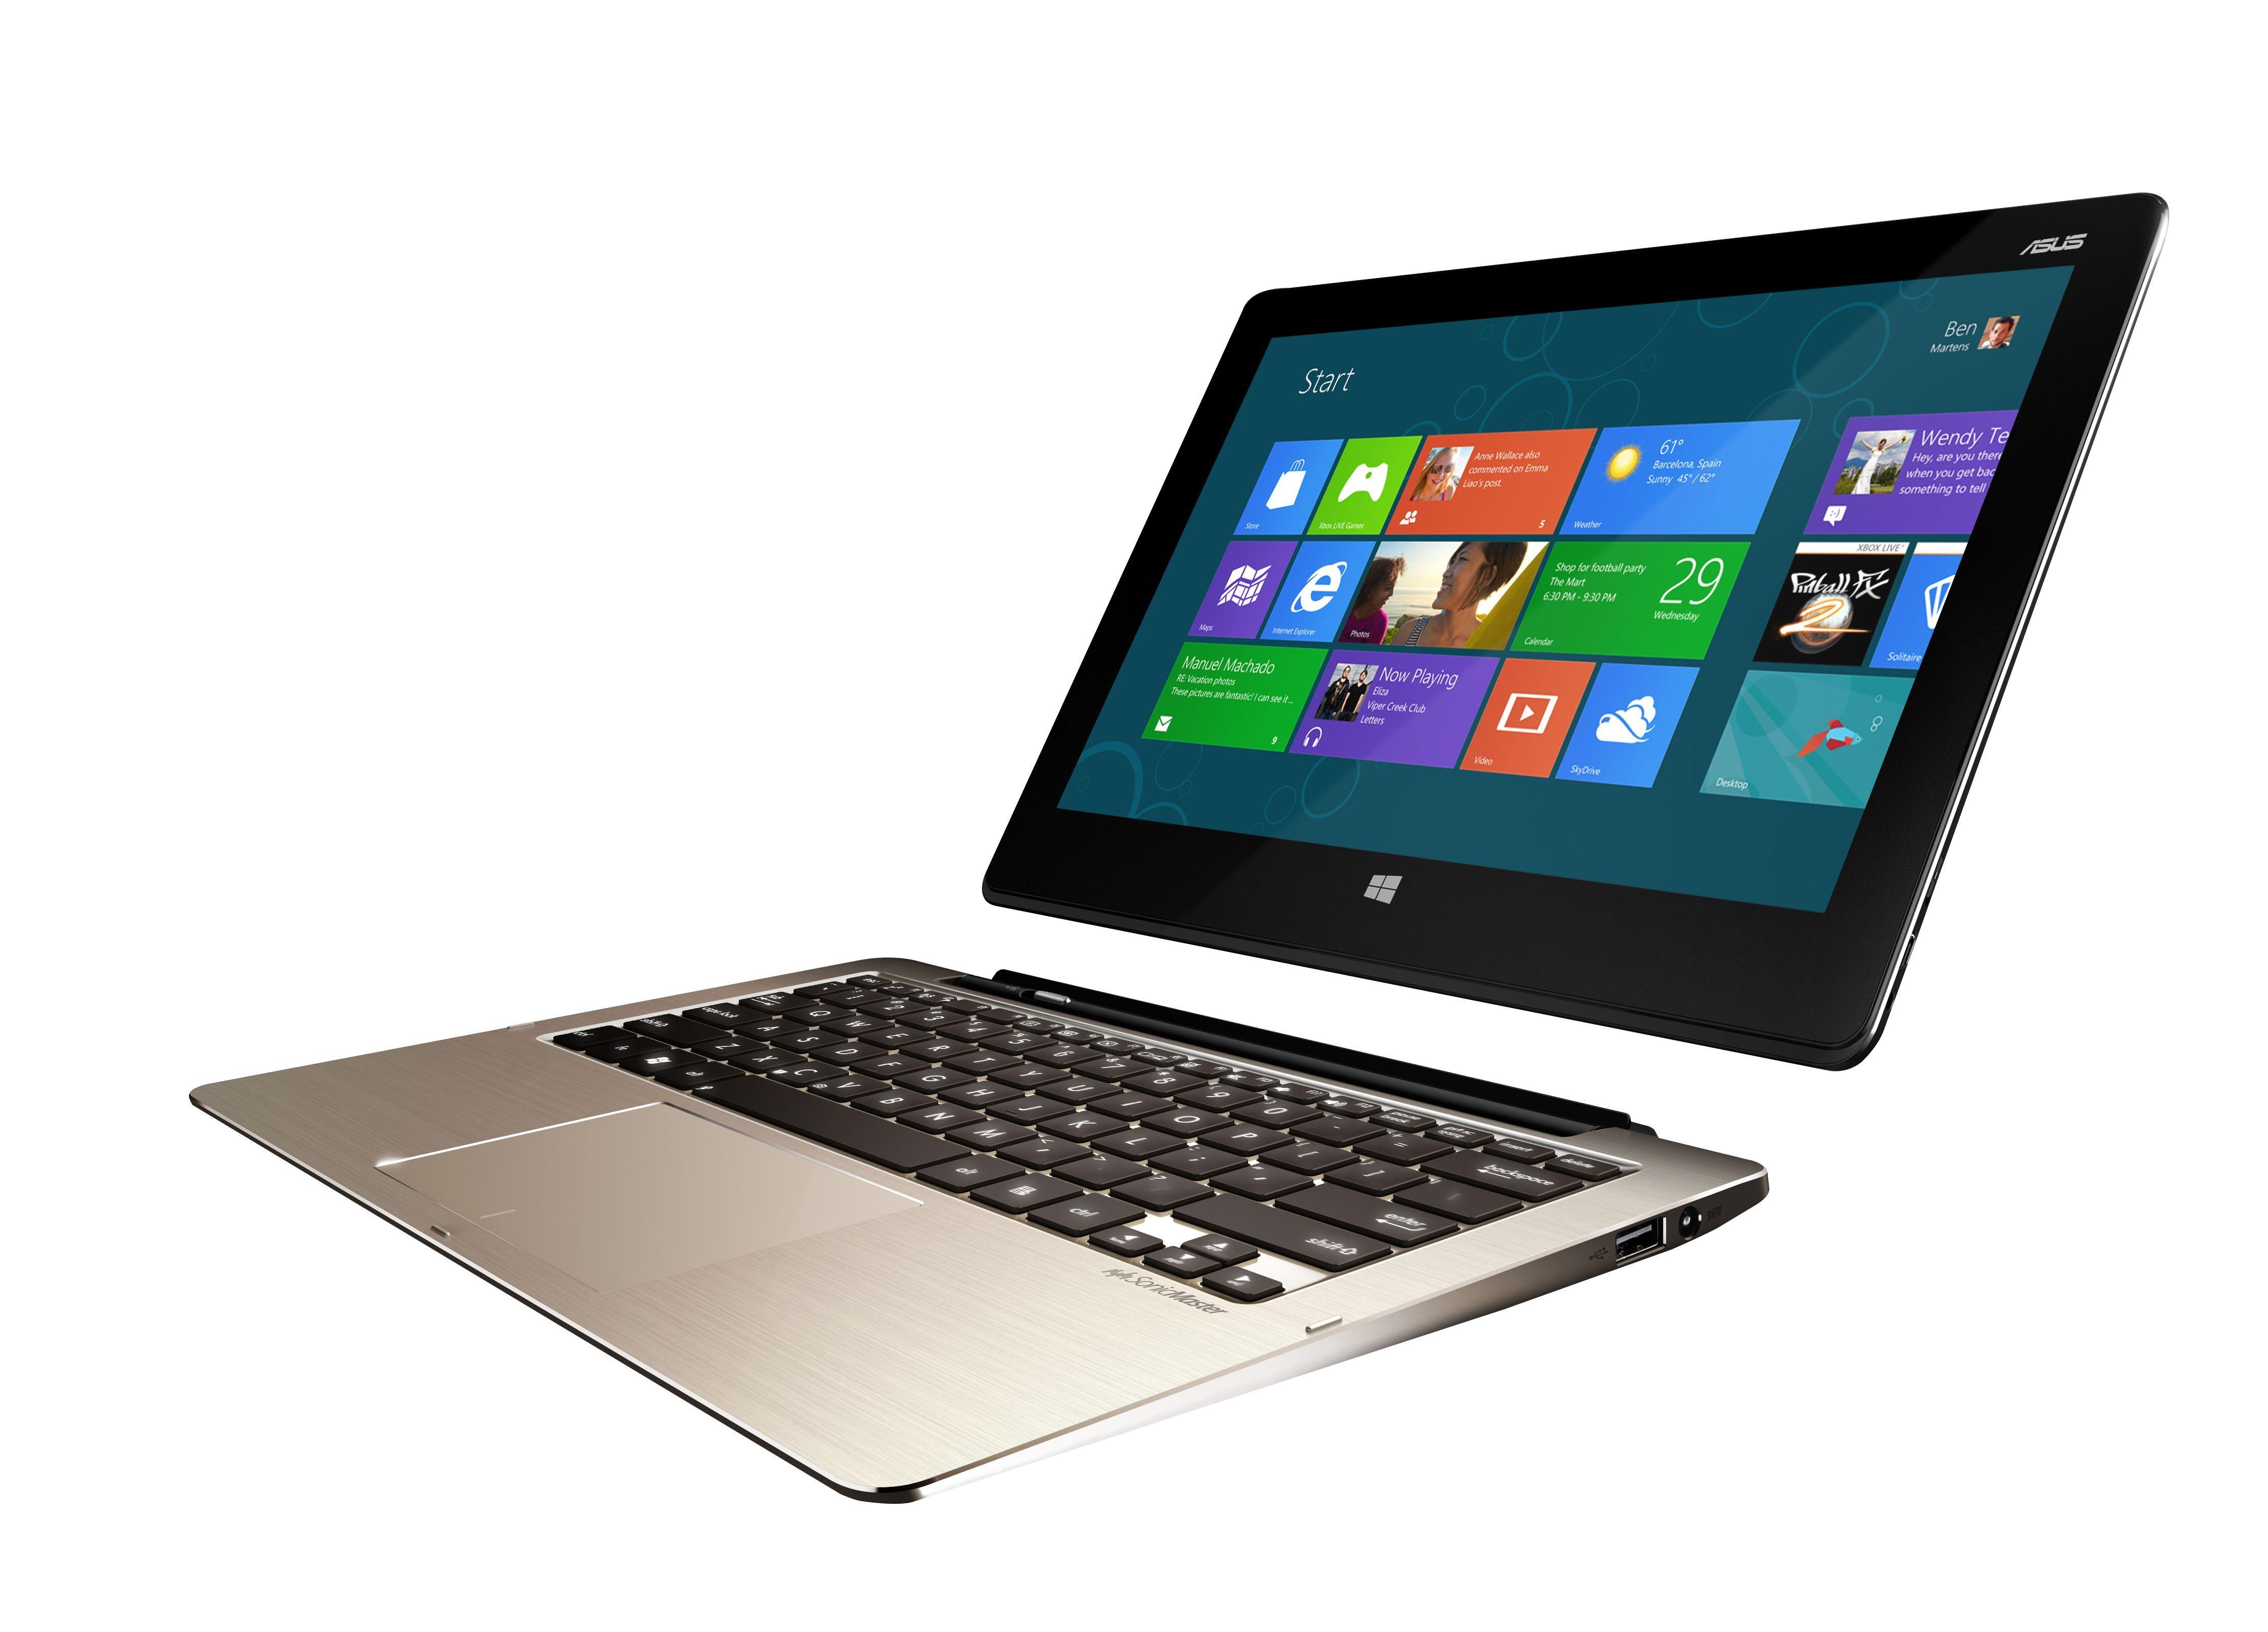 Oba nova Asusova tablična računalnika se lahko pohvalita z izjemno kakovostnim Super IPS+ zaslonom.